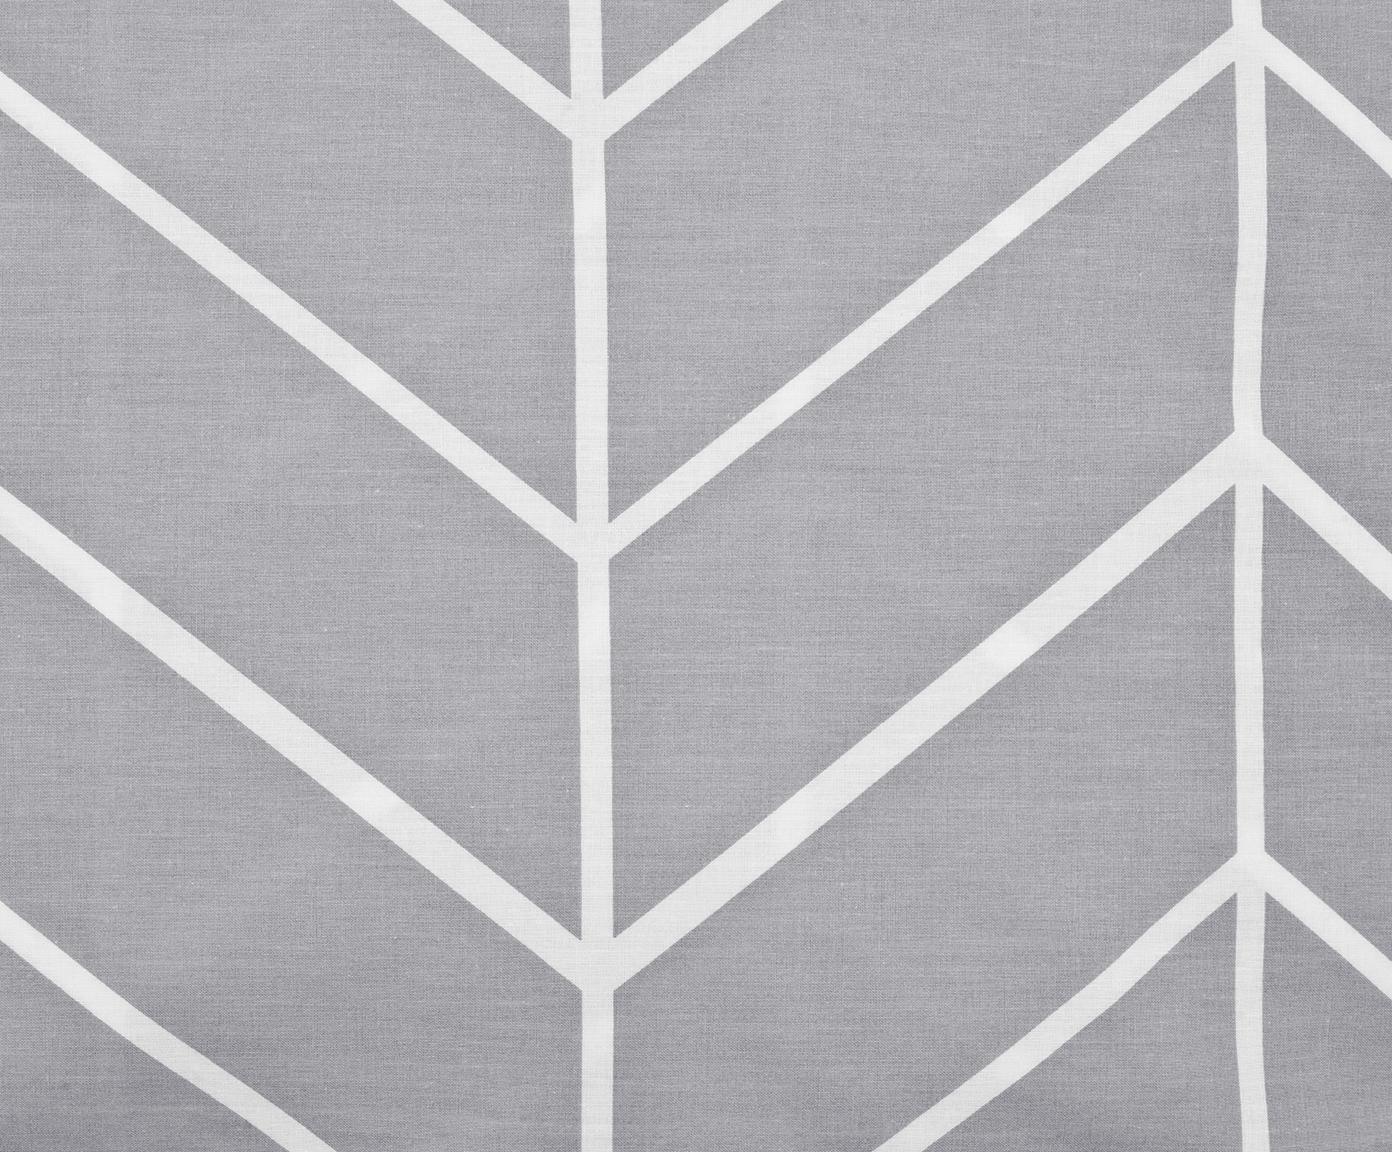 Baumwoll-Bettwäsche Mirja mit grafischem Muster, Webart: Renforcé Fadendichte 144 , Grau, Cremeweiß, 135 x 200 cm + 1 Kissen 80 x 80 cm